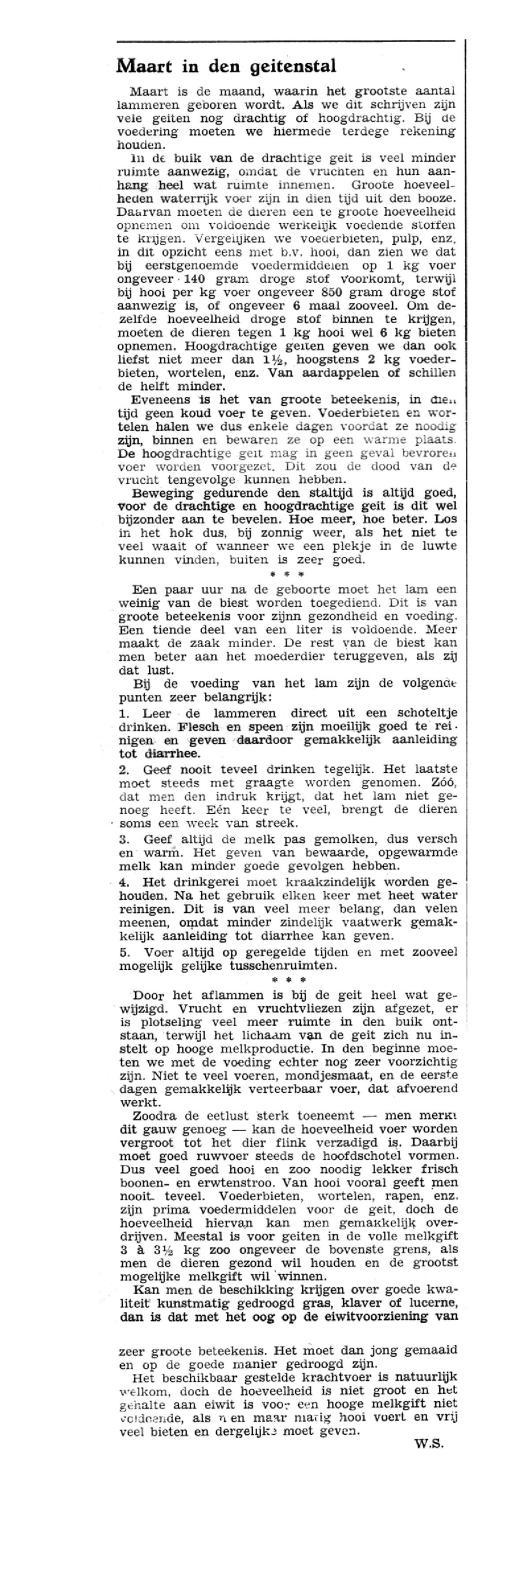 weblog-maart-in-de-geitenstal-1944